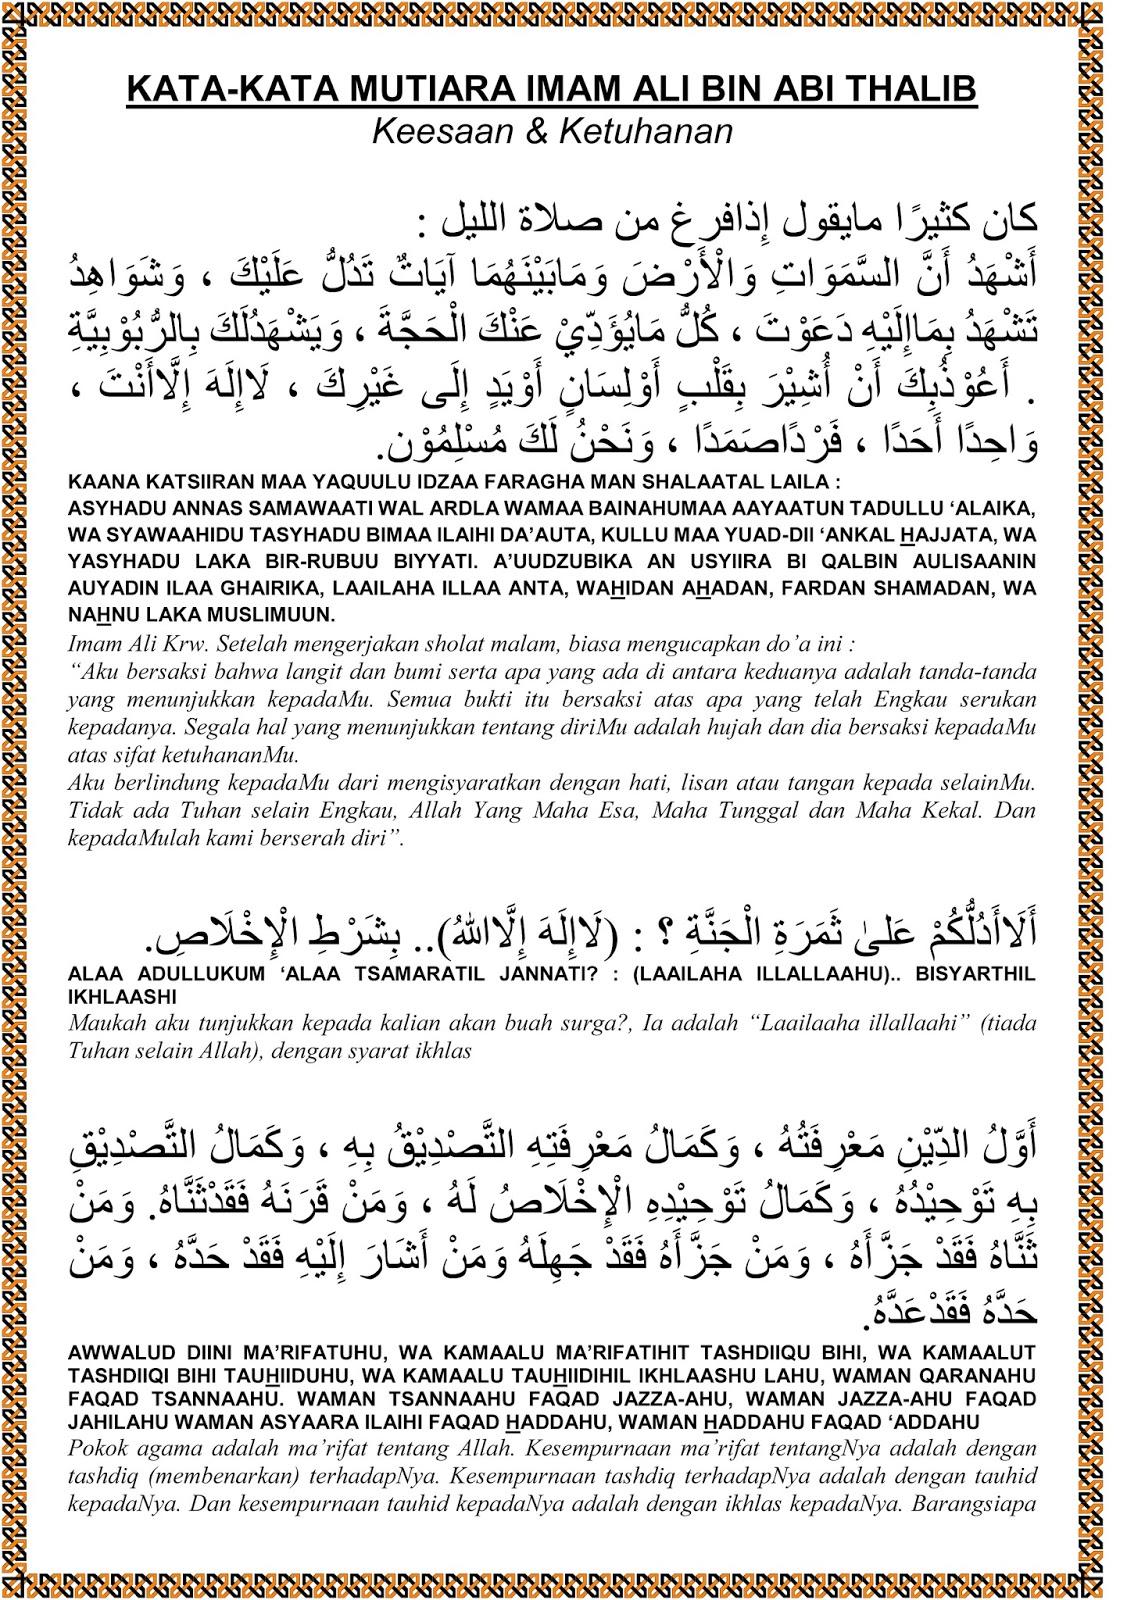 Keesaan Dan Ketuhanan Kata Kata Mutiara Imam Ali Bin Abi Thalib